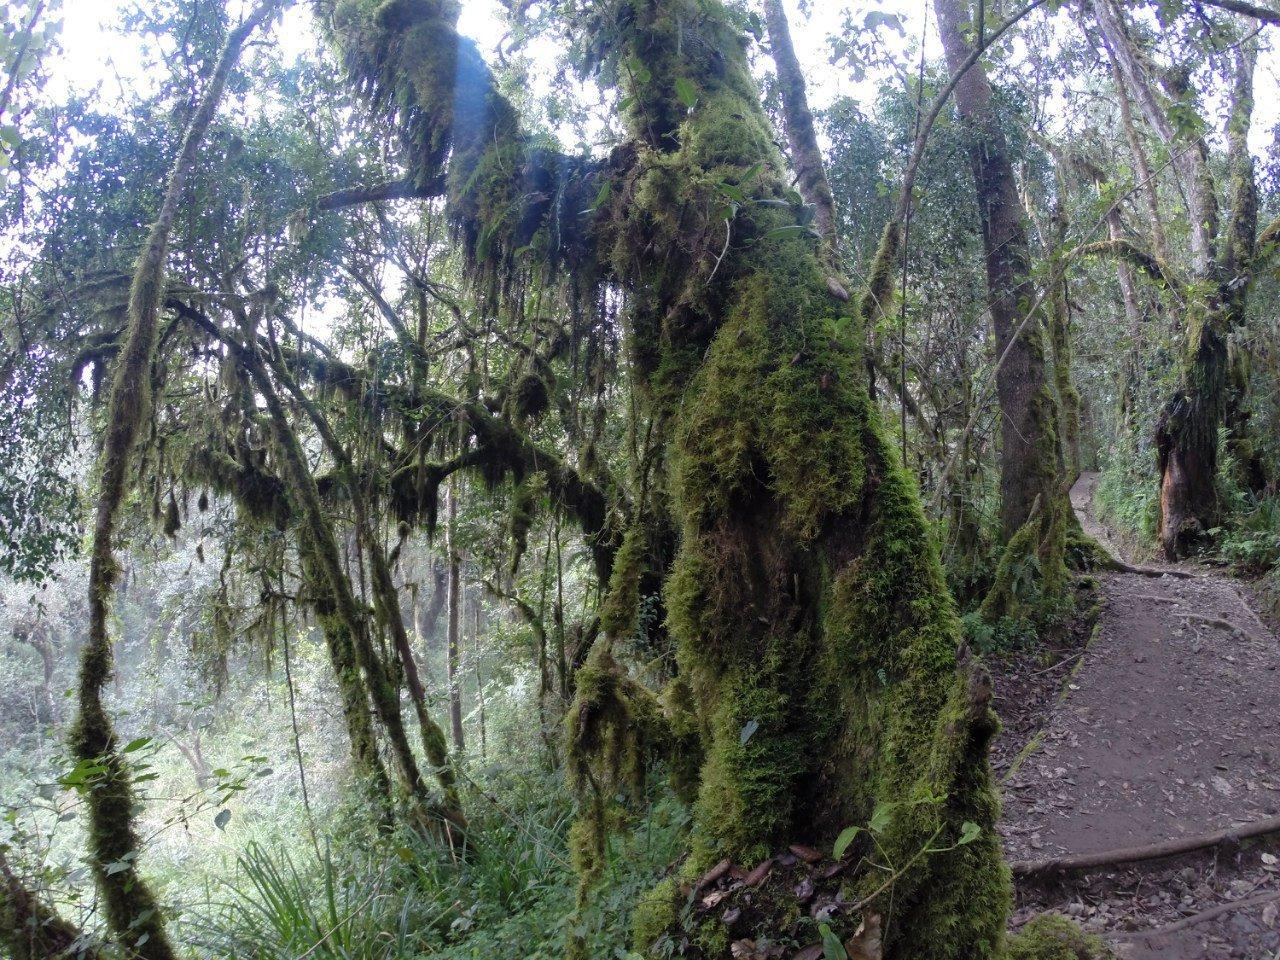 Килиманджаро. Лес